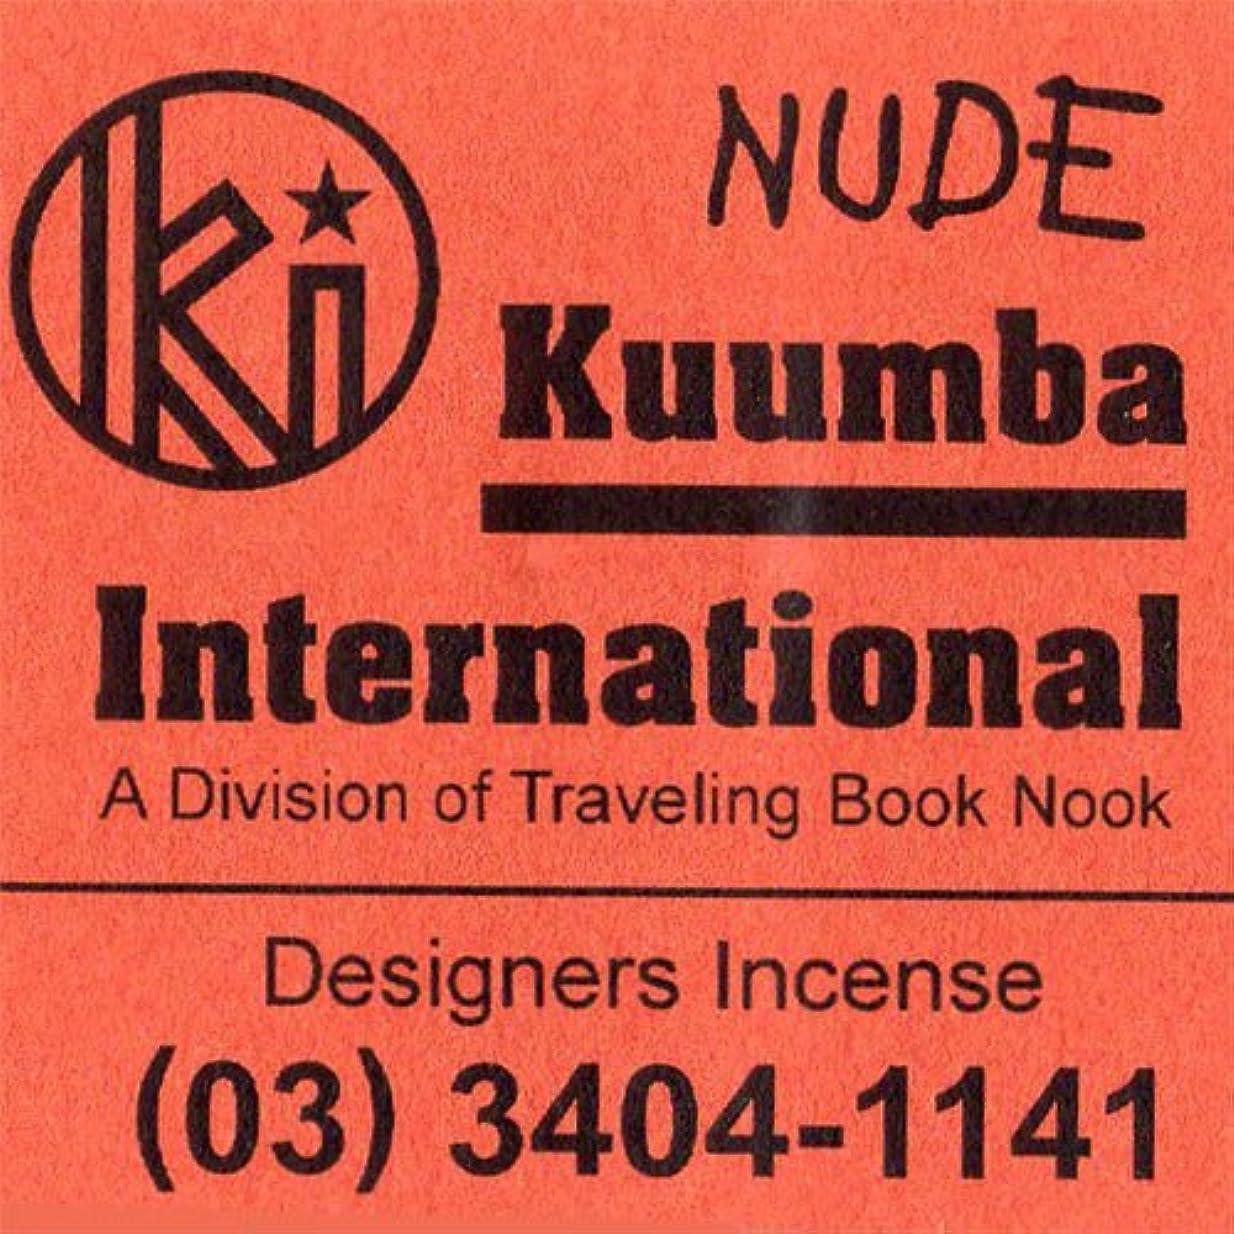 オーディションネックレット運動するKUUMBA / クンバ『incense』(NUDE) (Regular size)